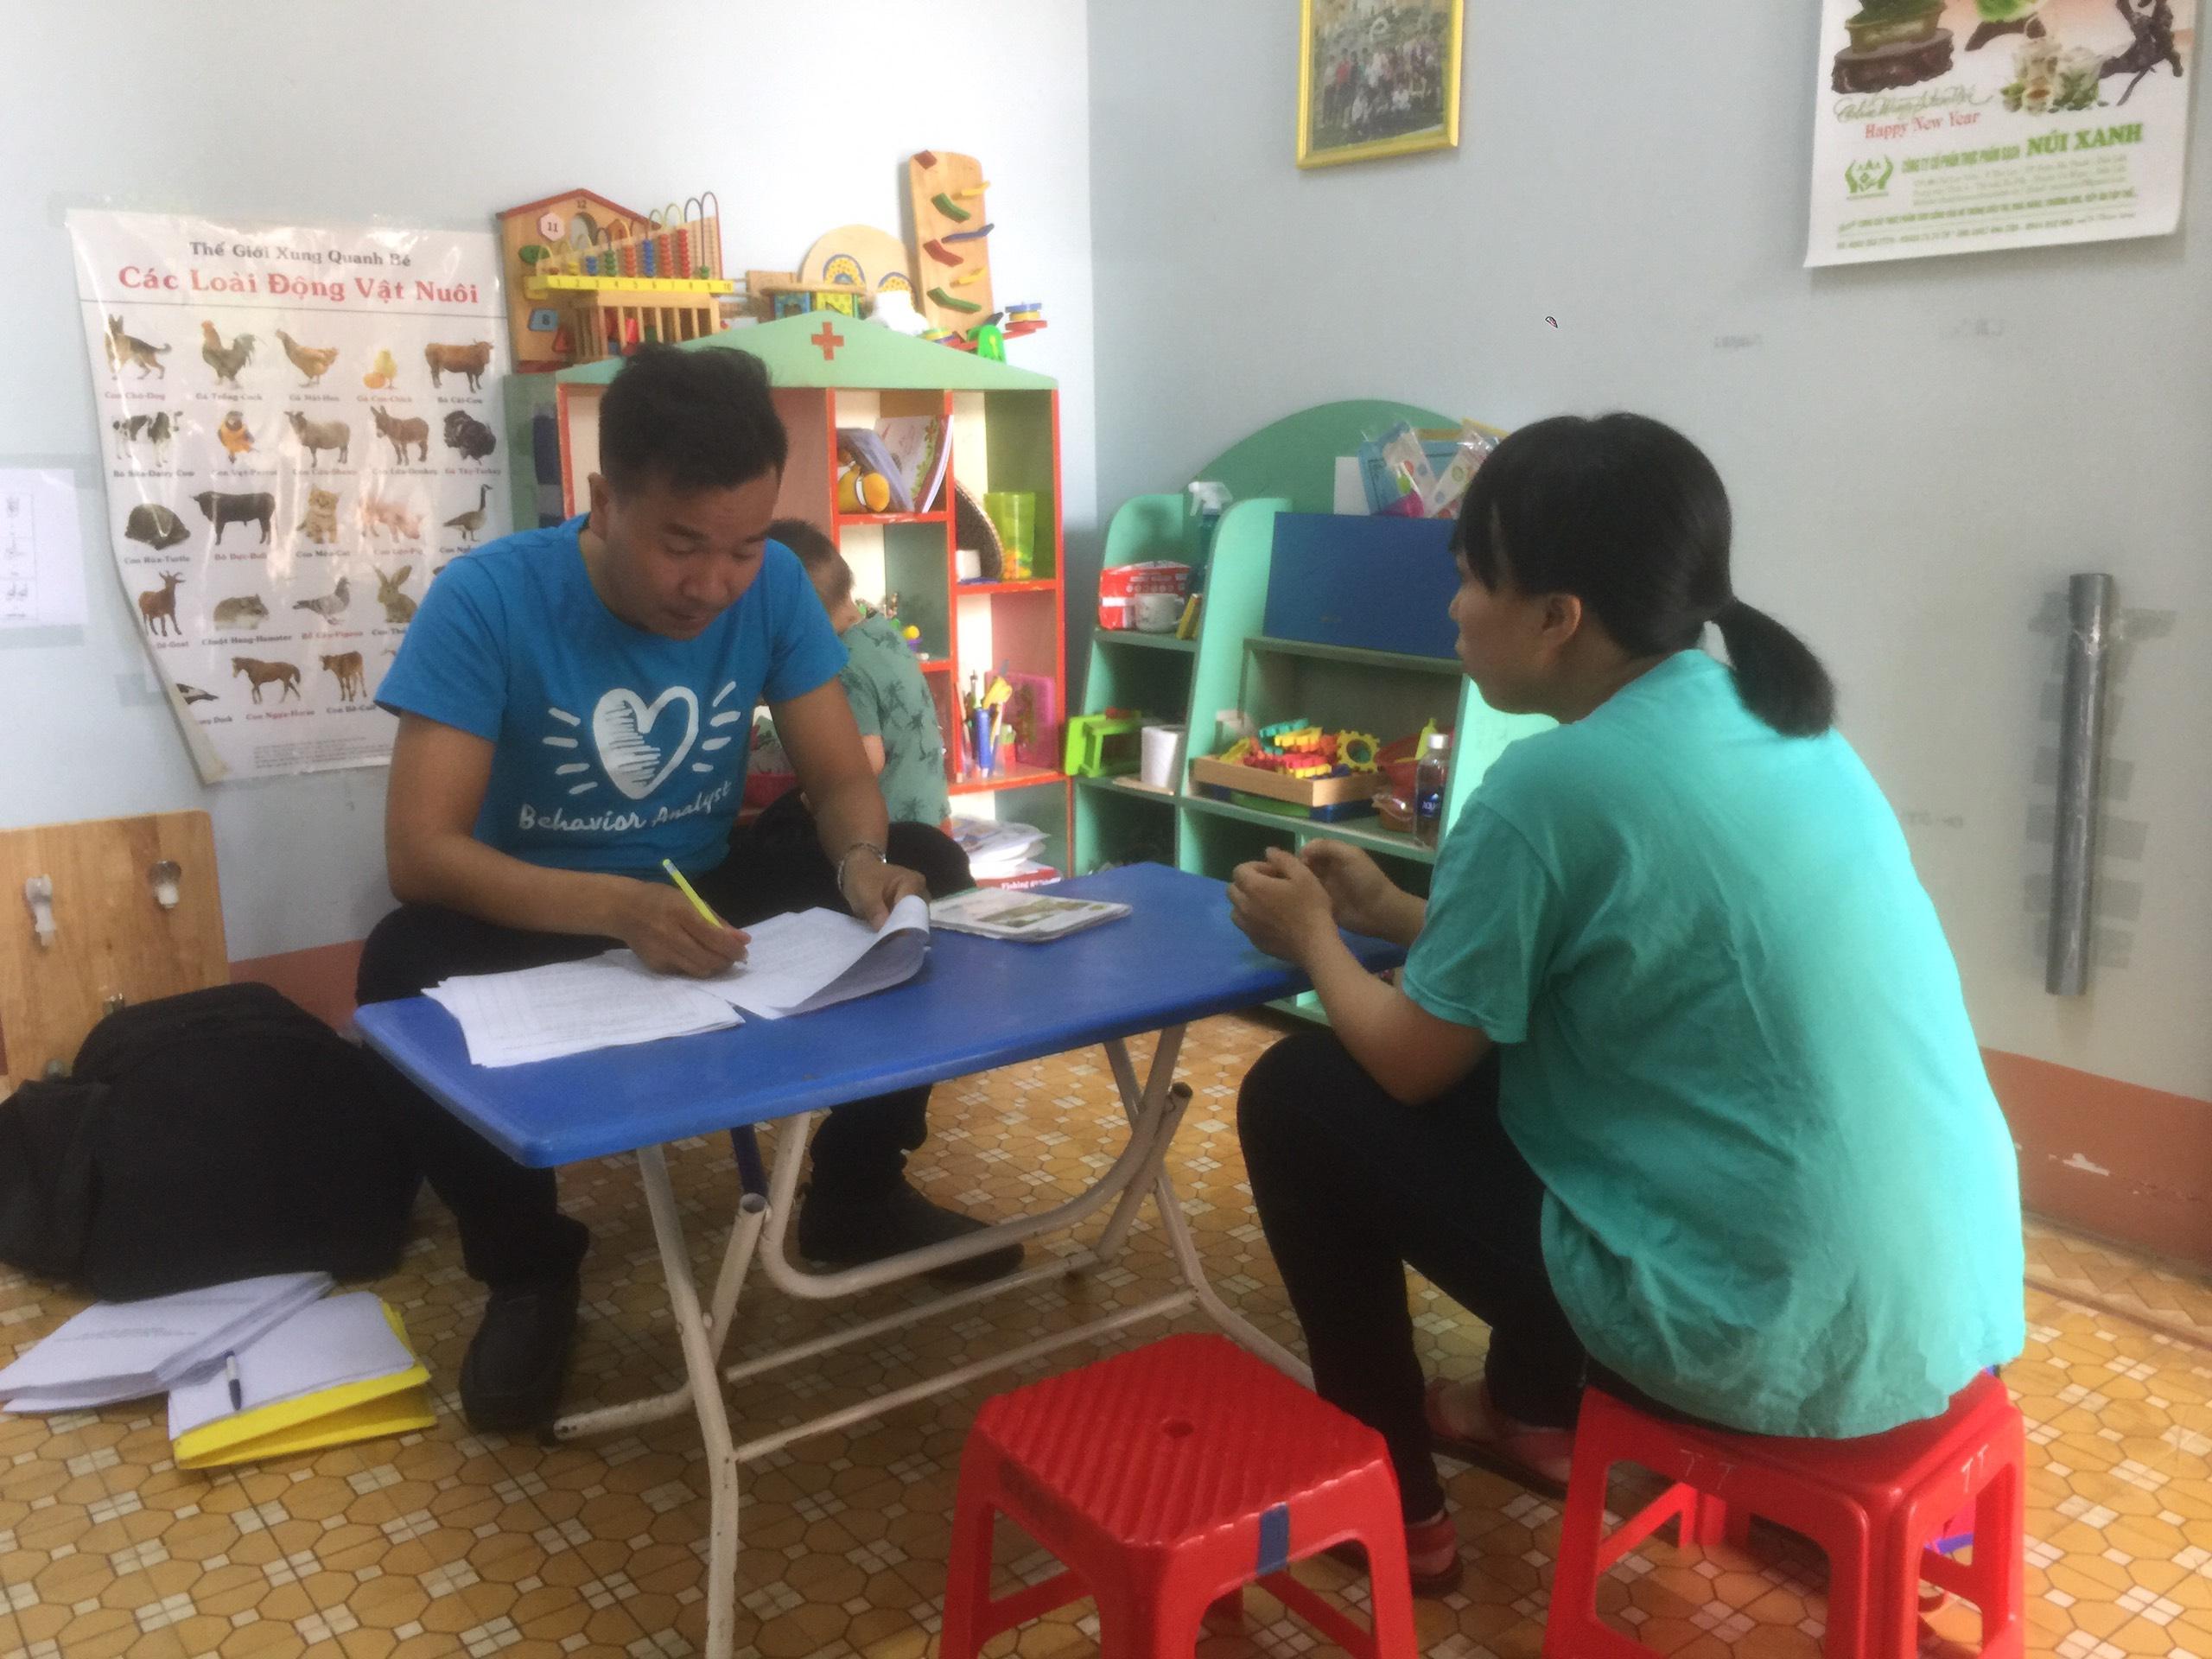 Khám và tư vấn hỗ trợ can thiệp cho trẻ rối loạn tự kỷ trên địa bàn